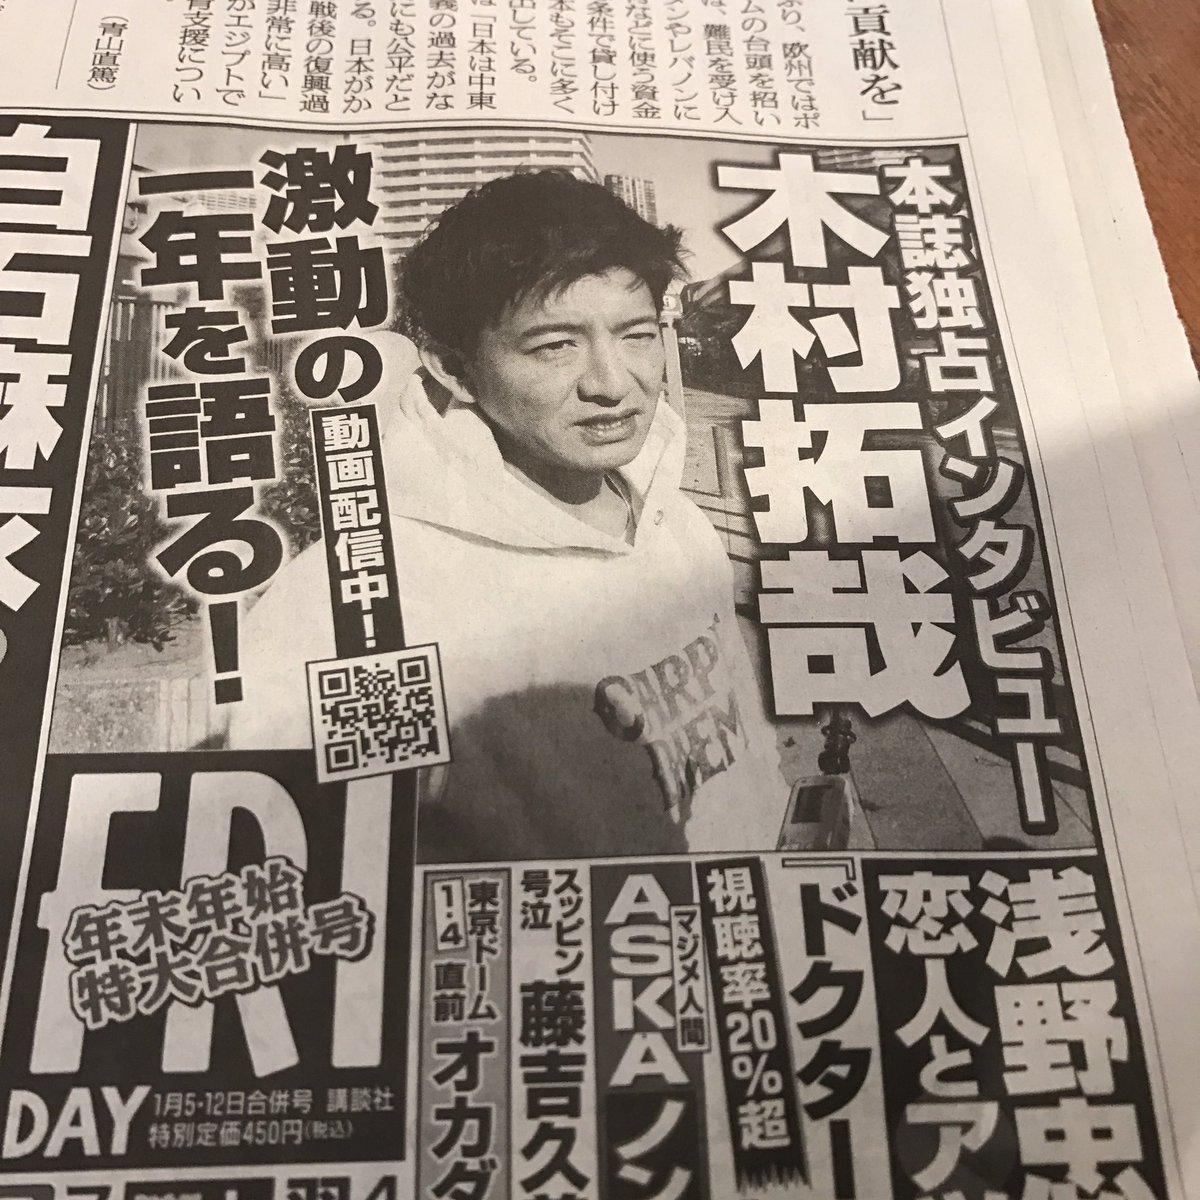 【FRIDAY】木村拓哉が『CARPE DIEM』のパーカーを着用←柔術界がざわつくwwwwww